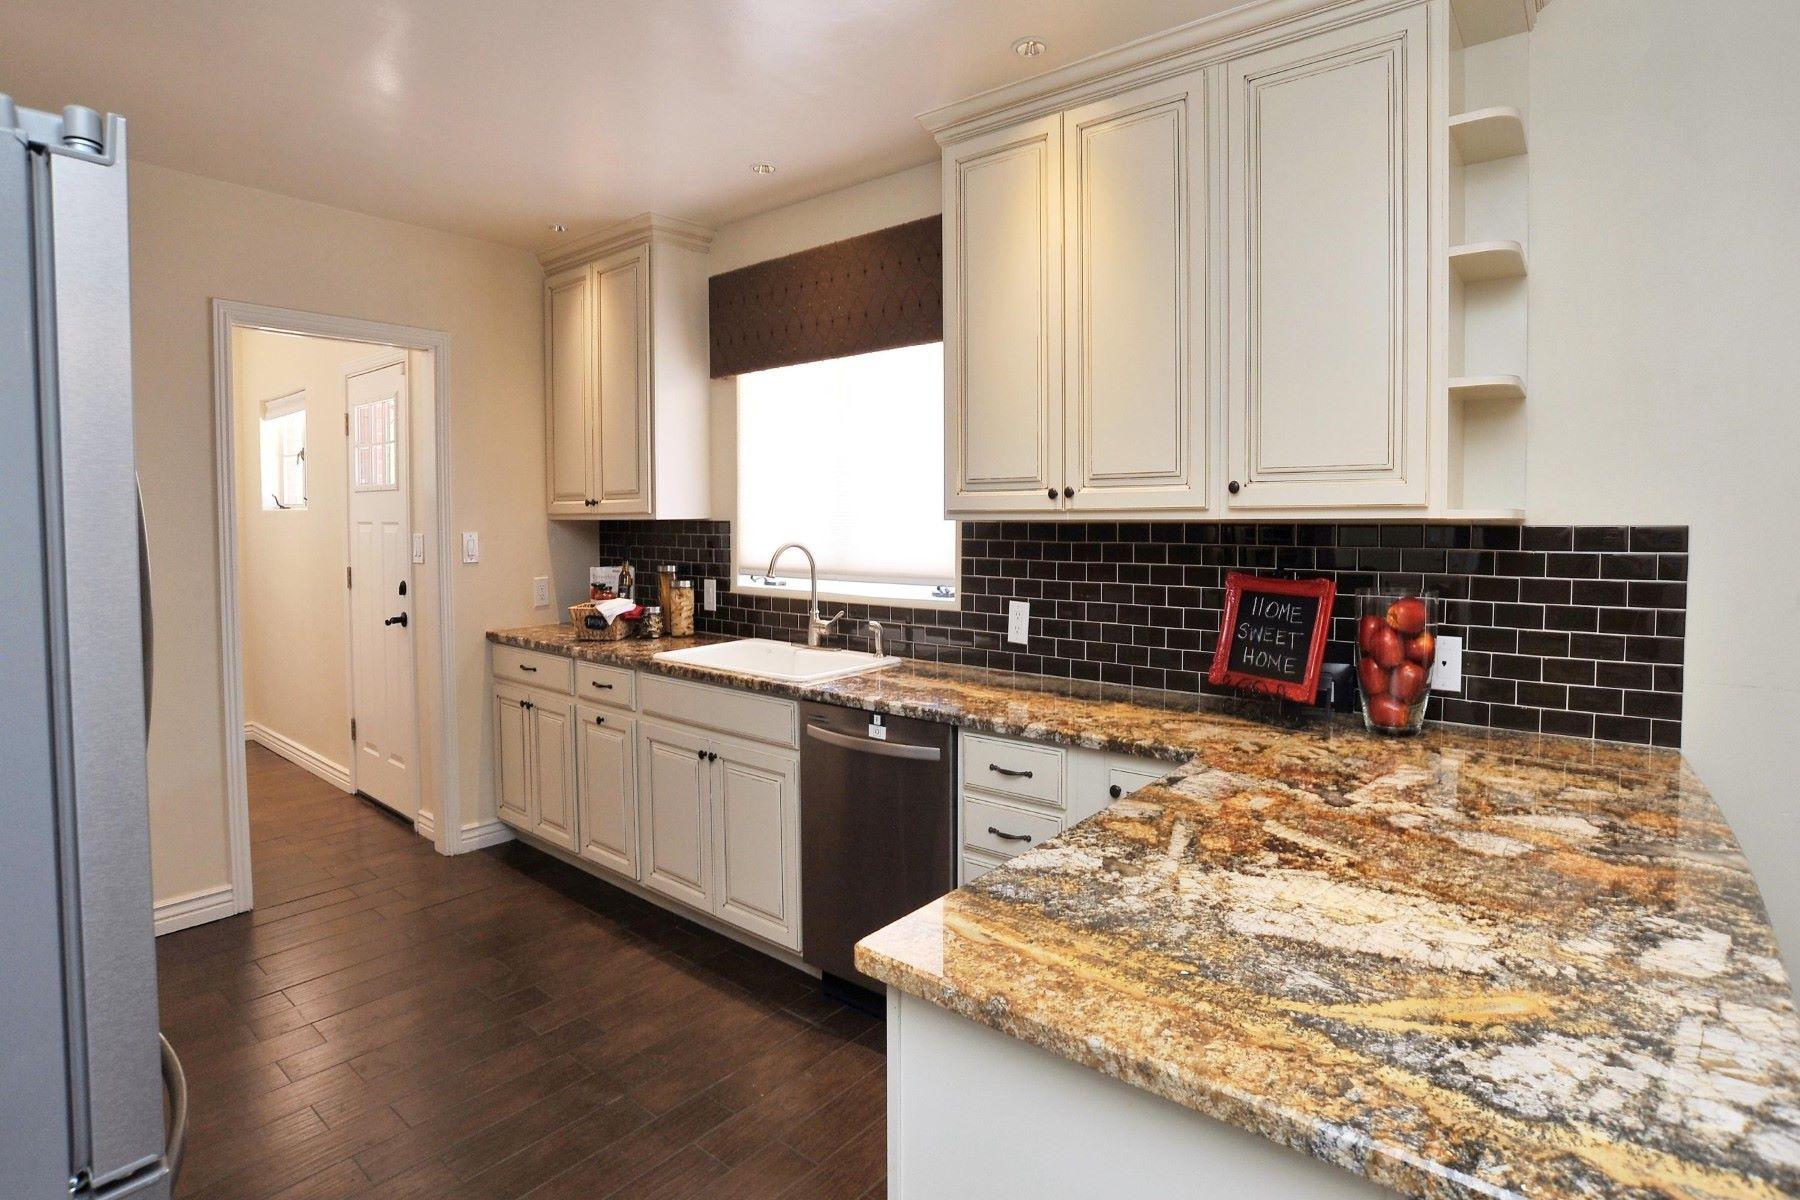 一戸建て のために 売買 アット Stunningly remodeled home in the highly coveted San Clemente neighborhood 121 S La Creciente Tucson, アリゾナ, 85711 アメリカ合衆国